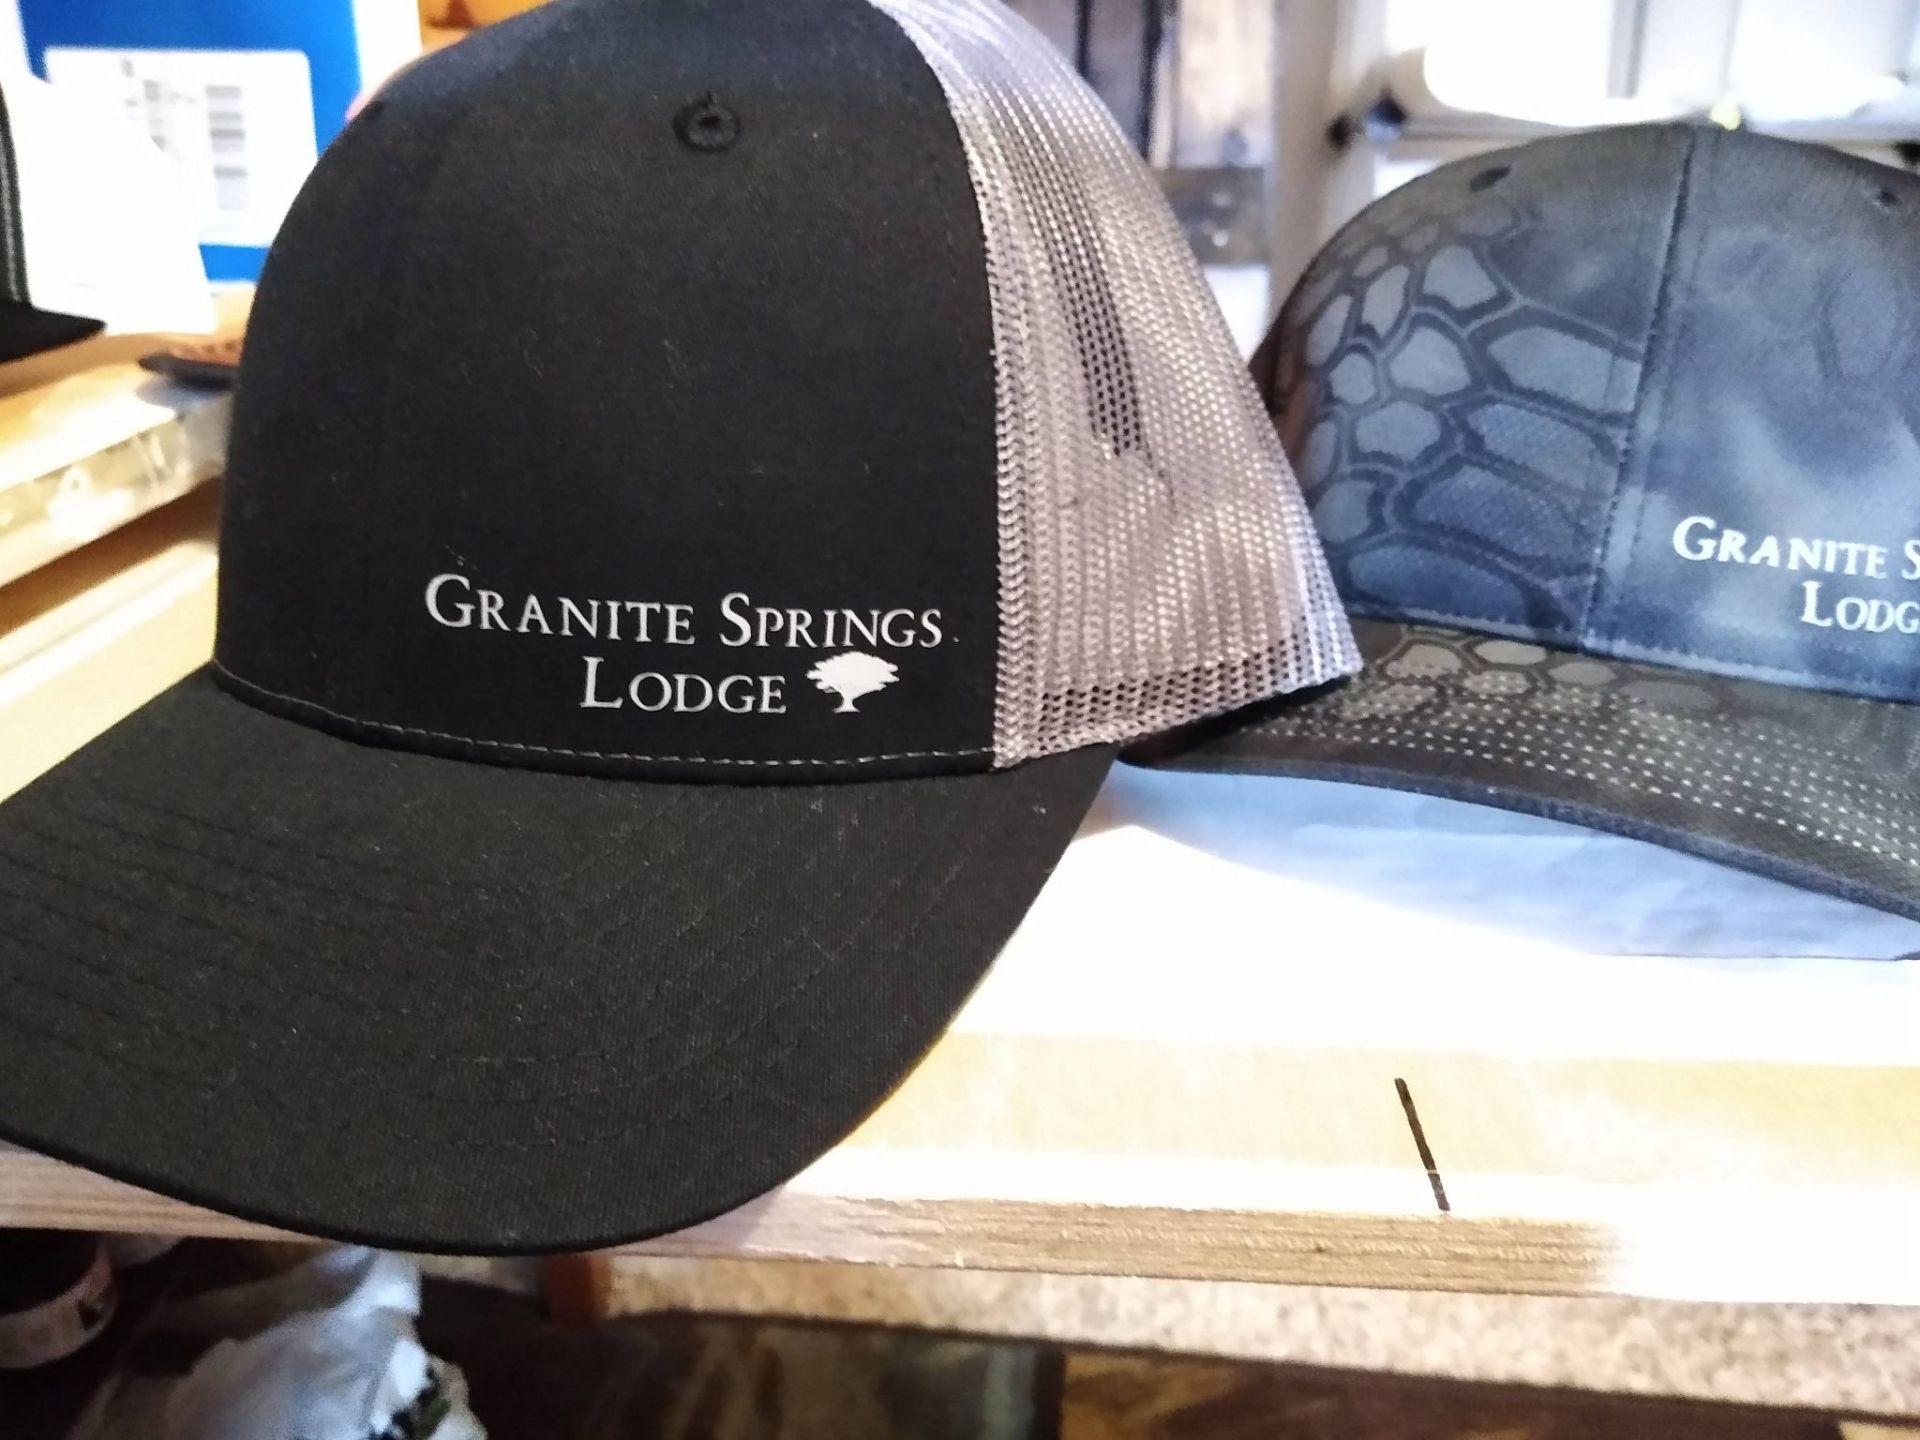 Granite Springs Lodge caps